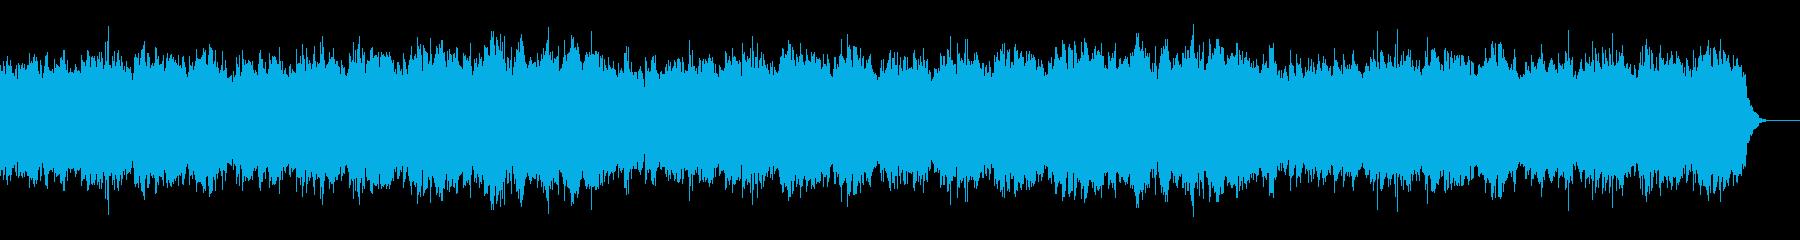 感動・アニメ・ドキュメンタリー・ジブリの再生済みの波形